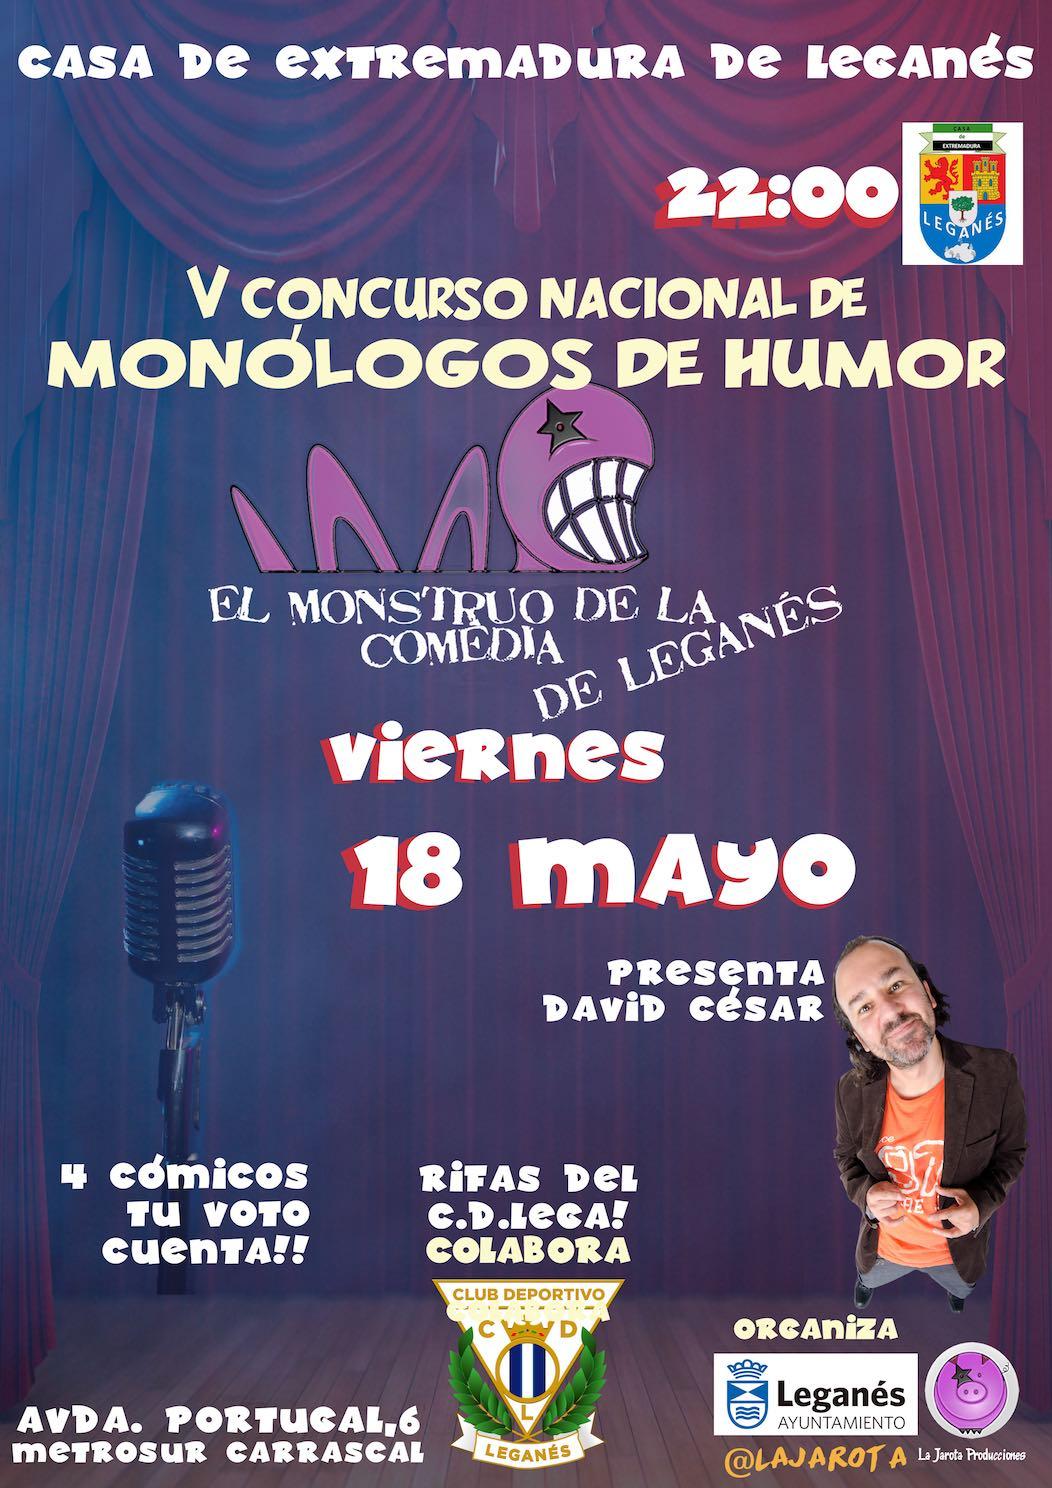 El Monstruo de la Comedia de Leganés - V ¡Segunda Semifinal!